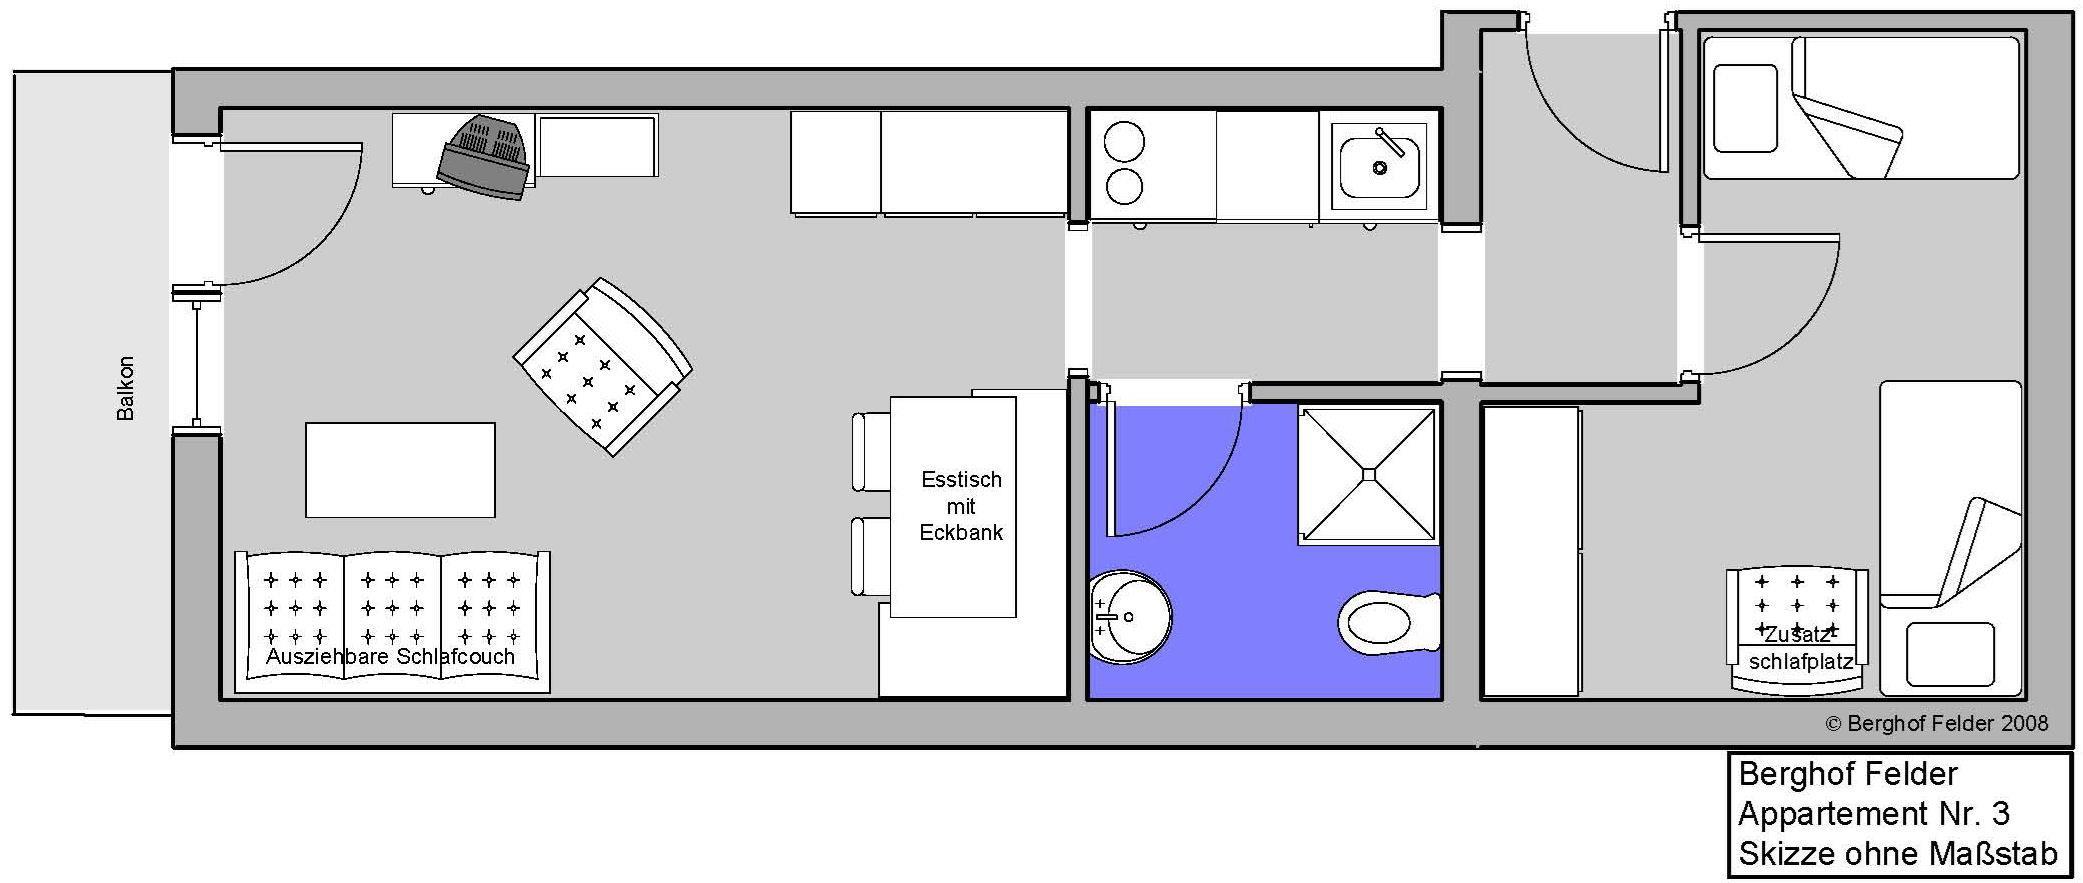 Ferienwohnung Berghof Felder Apartment -1 Schlafraum DU/WC Nr. 3